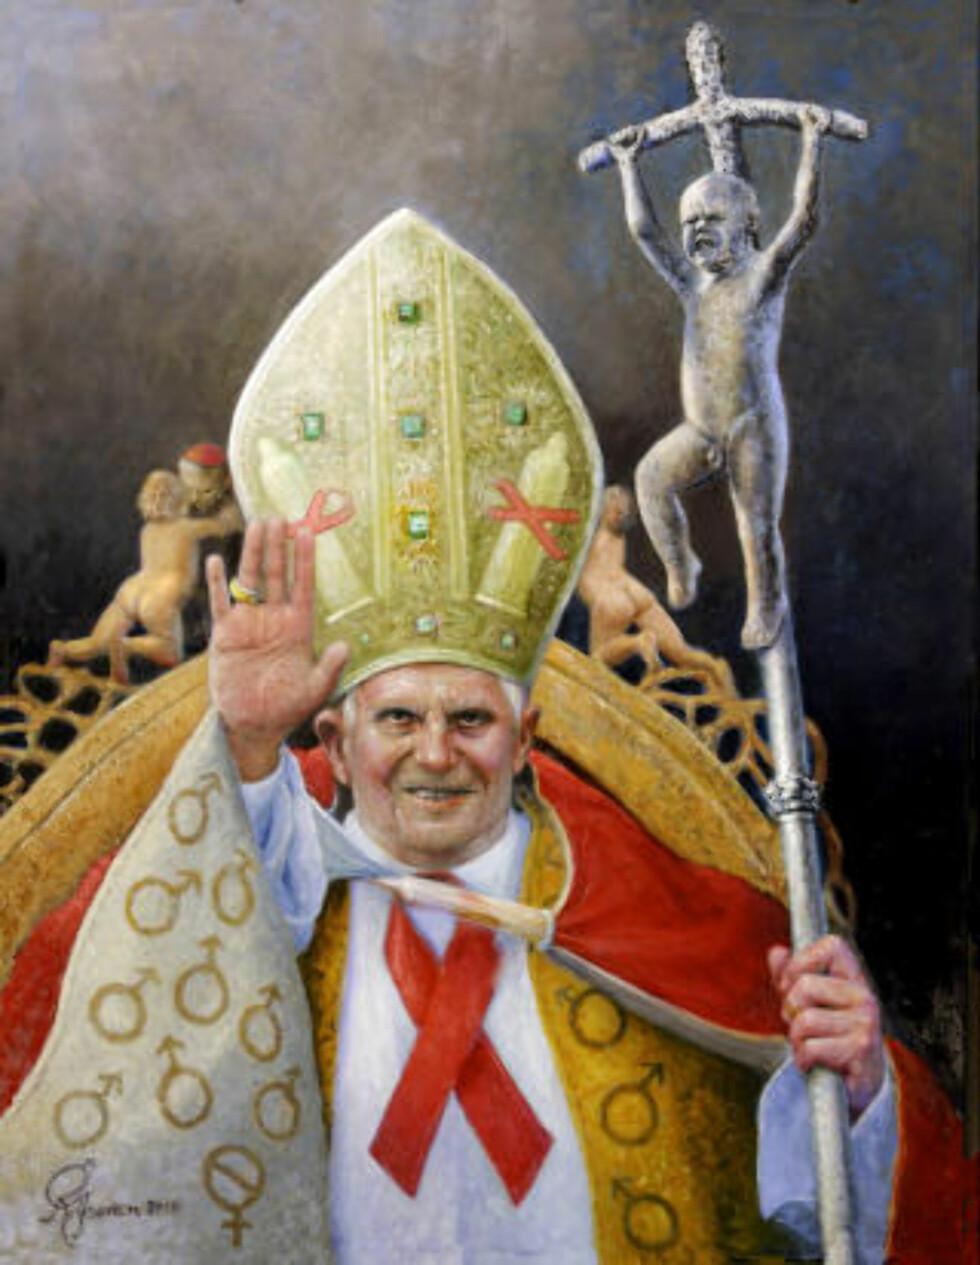 RELIGIØS SATIRE: Her er Rolf Groven siste pek: Pave Benedikt XVI. Legg merke til kardinalen bak til venstre som forgriper seg på en av englene på pavens stol.